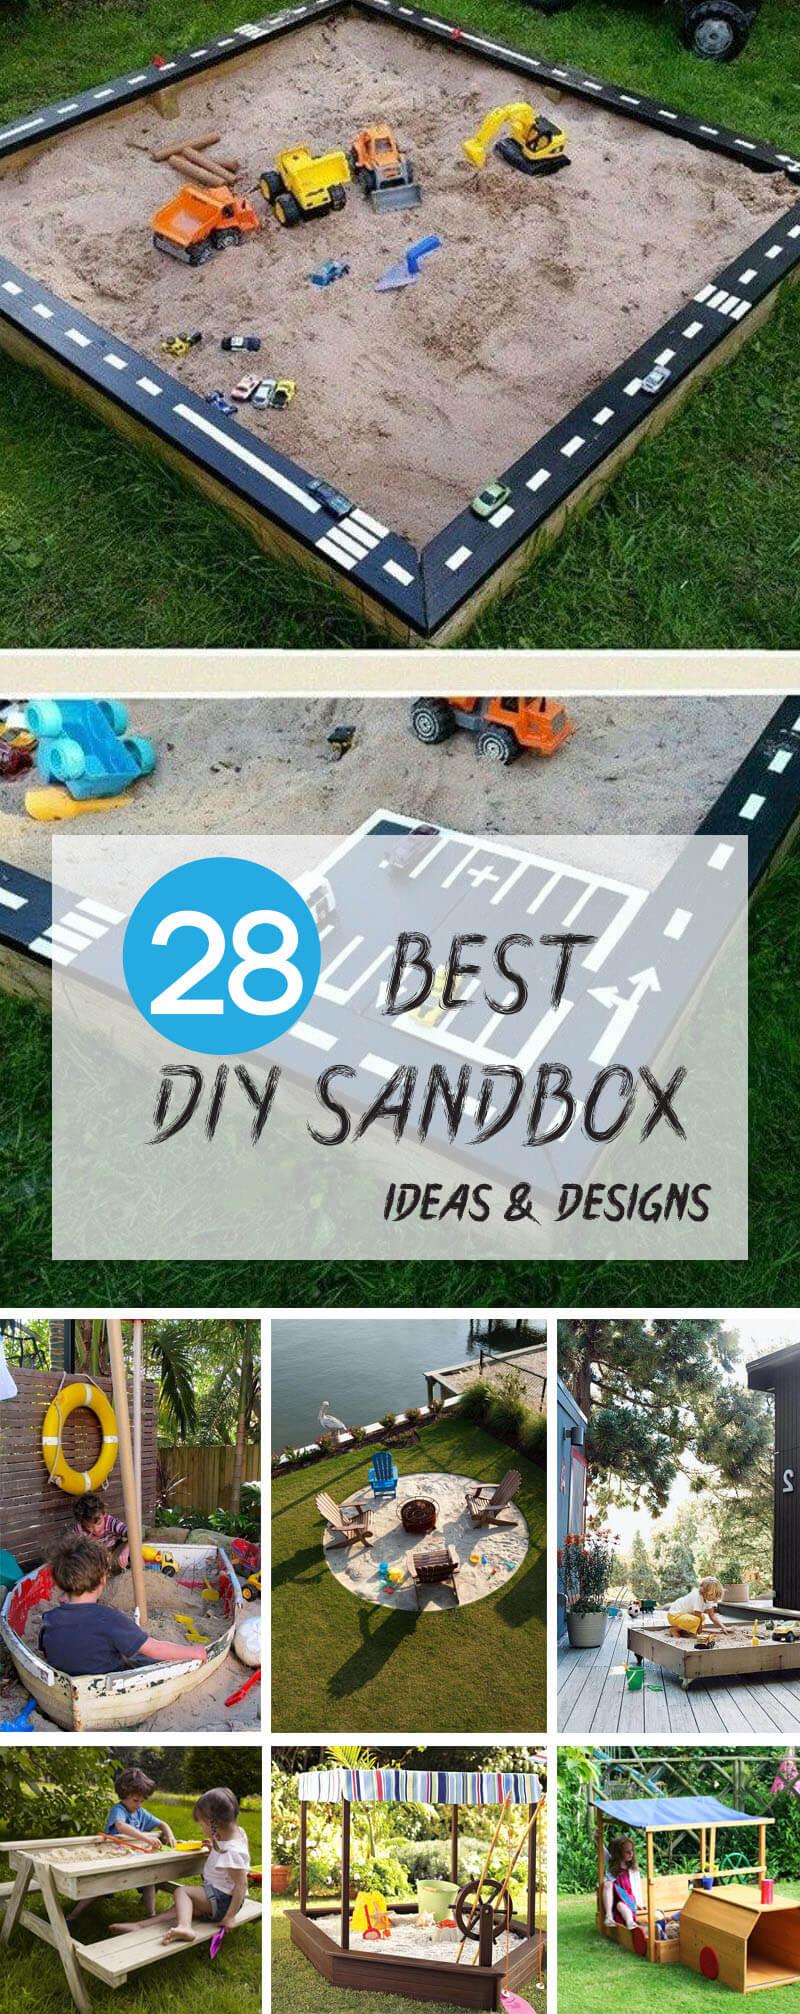 Best DIY Sandbox Ideas and Designs